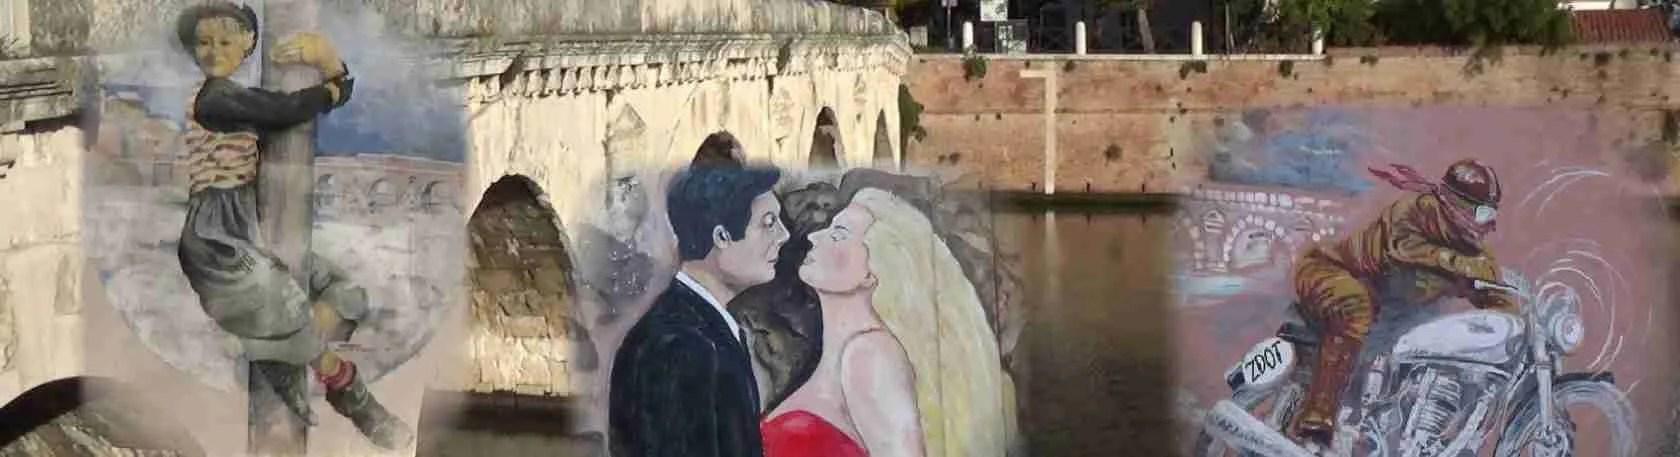 Le escort Rimini adorano i murales di Borgo San Giuliano a Rimini, omaggio a Federico Fellini. Magica Escort